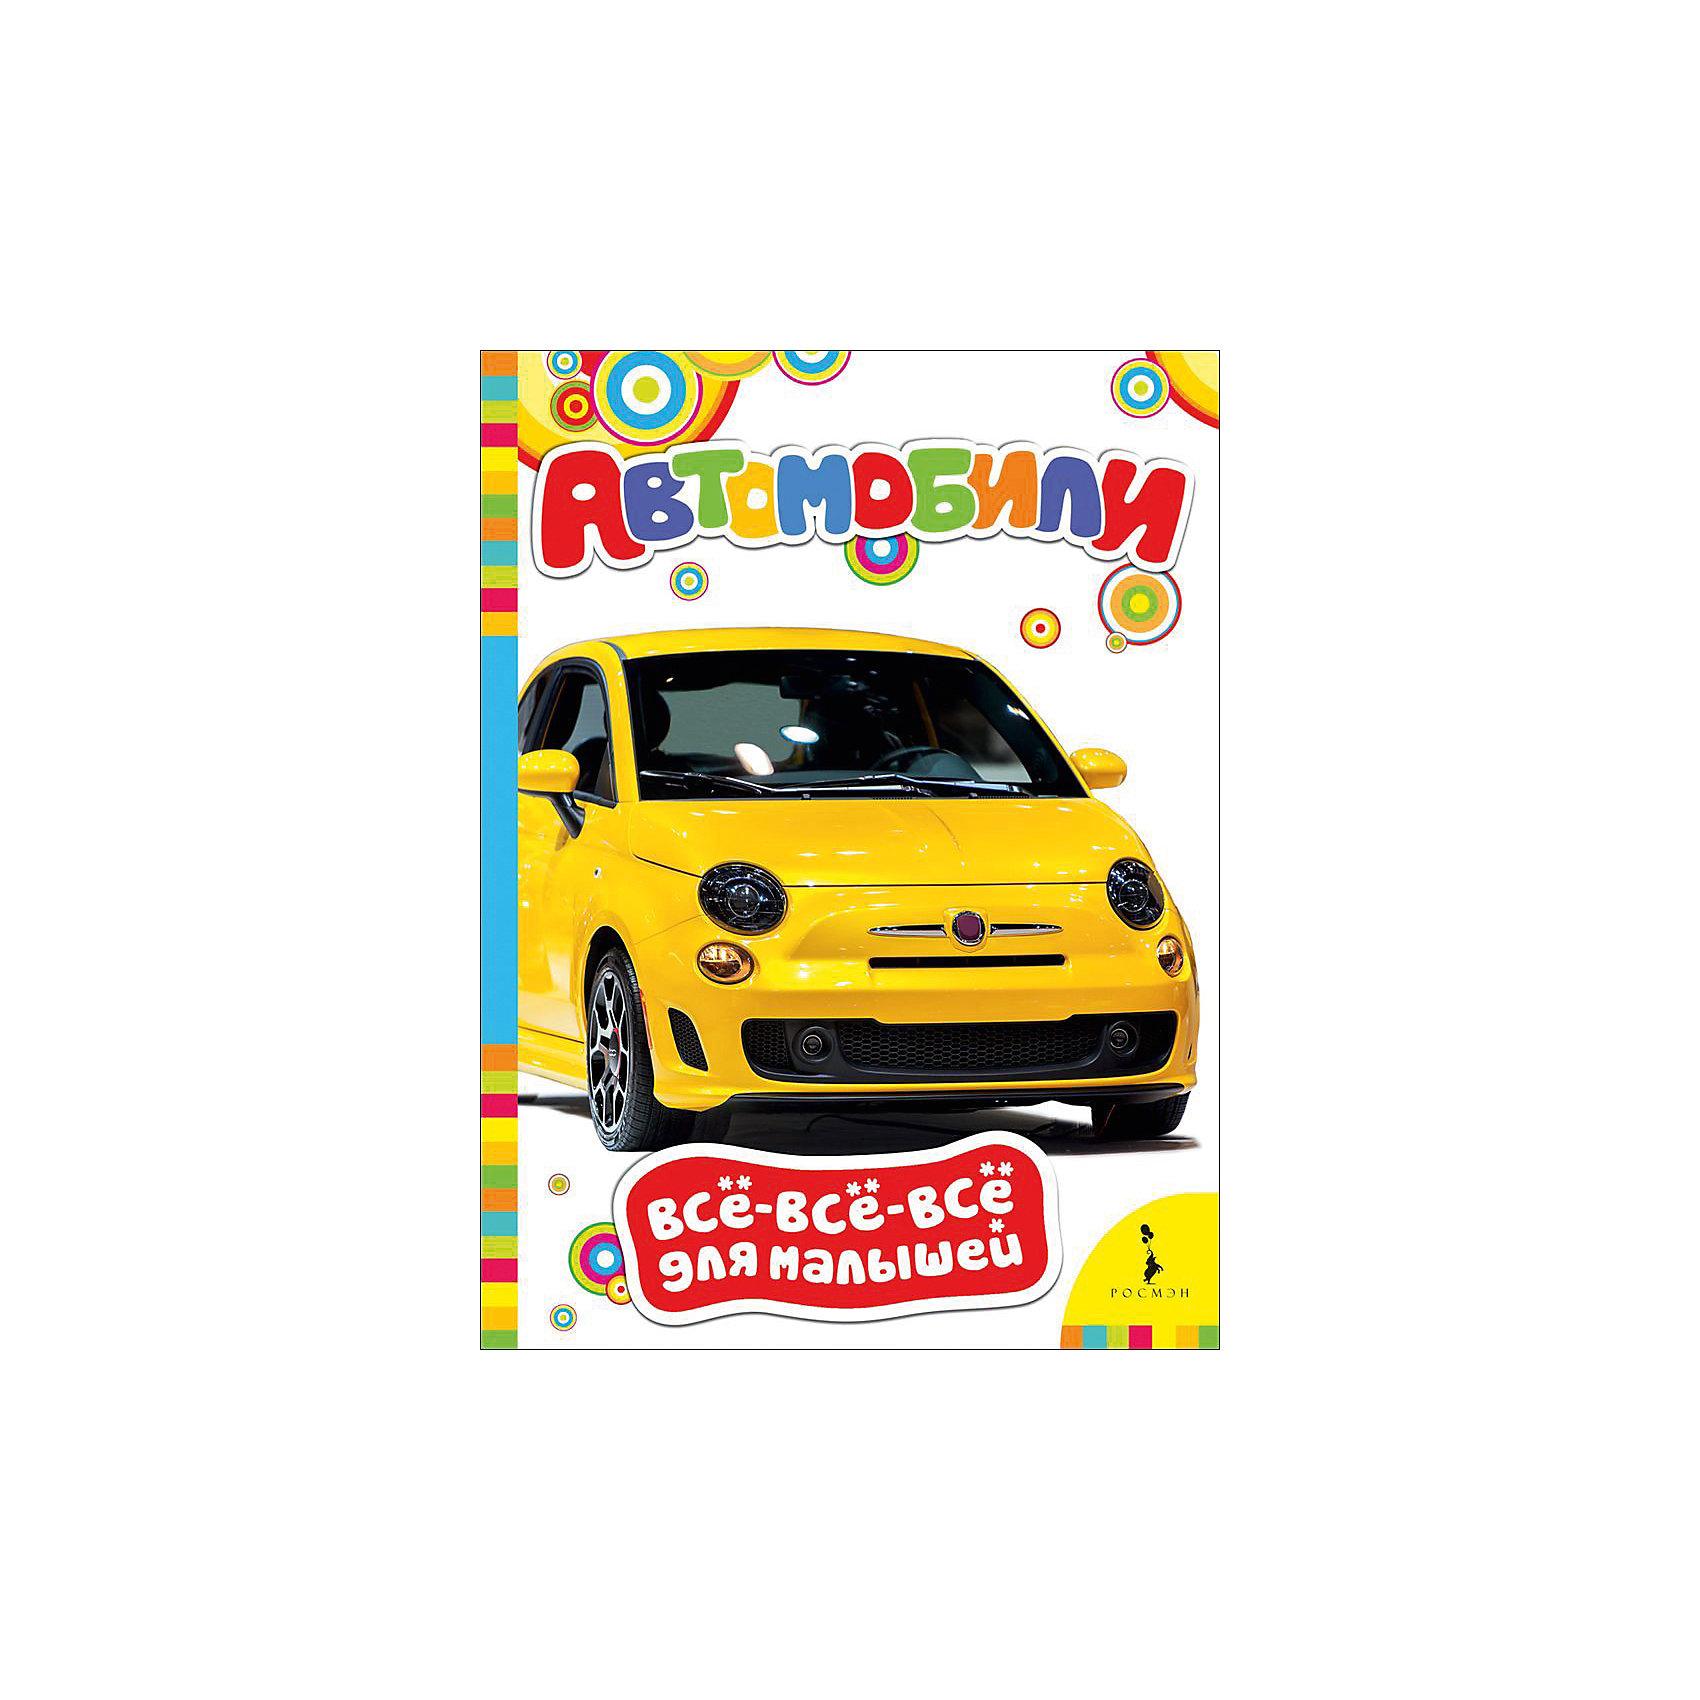 Автомобили, Все-все-все для малышейХарактеристики товара:<br><br>- цвет: разноцветный;<br>- материал: бумага;<br>- страниц: 8;<br>- формат: 22 х 16 см;<br>- обложка: картон;<br>- цветные иллюстрации. <br><br>Эта полезная книга станет отличным подарком для родителей и ребенка. Она содержит в себе фотографии, а также интересные вопросы и задания, связанные с автомобилями. Отличный способ привить малышу любовь к занятиям и начать обучение!<br>Чтение и рассматривание картинок даже в юном возрасте помогает ребенку развивать память, концентрацию внимания и воображение. Издание произведено из качественных материалов, которые безопасны даже для самых маленьких.<br><br>Издание Автомобили, Все-все-все для малышей от компании Росмэн можно купить в нашем интернет-магазине.<br><br>Ширина мм: 220<br>Глубина мм: 160<br>Высота мм: 4<br>Вес г: 111<br>Возраст от месяцев: 0<br>Возраст до месяцев: 36<br>Пол: Унисекс<br>Возраст: Детский<br>SKU: 5110061